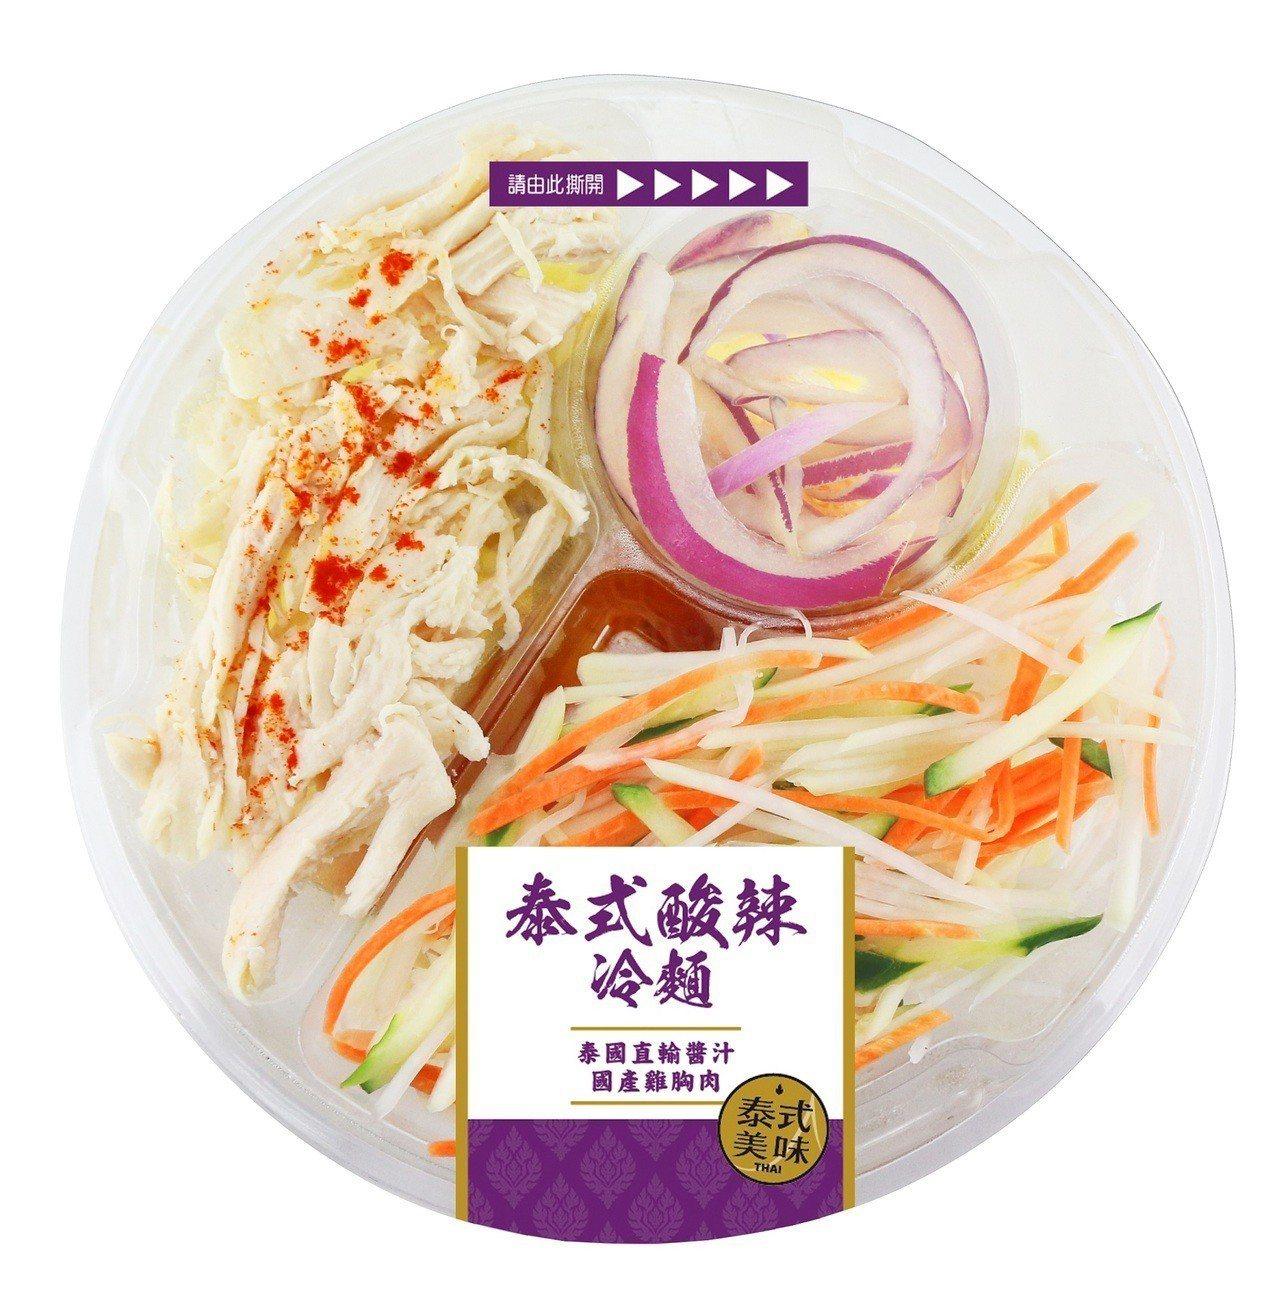 泰式酸辣冷麵 ,售價69元,限量65萬份。圖/7-ELEVEN提供